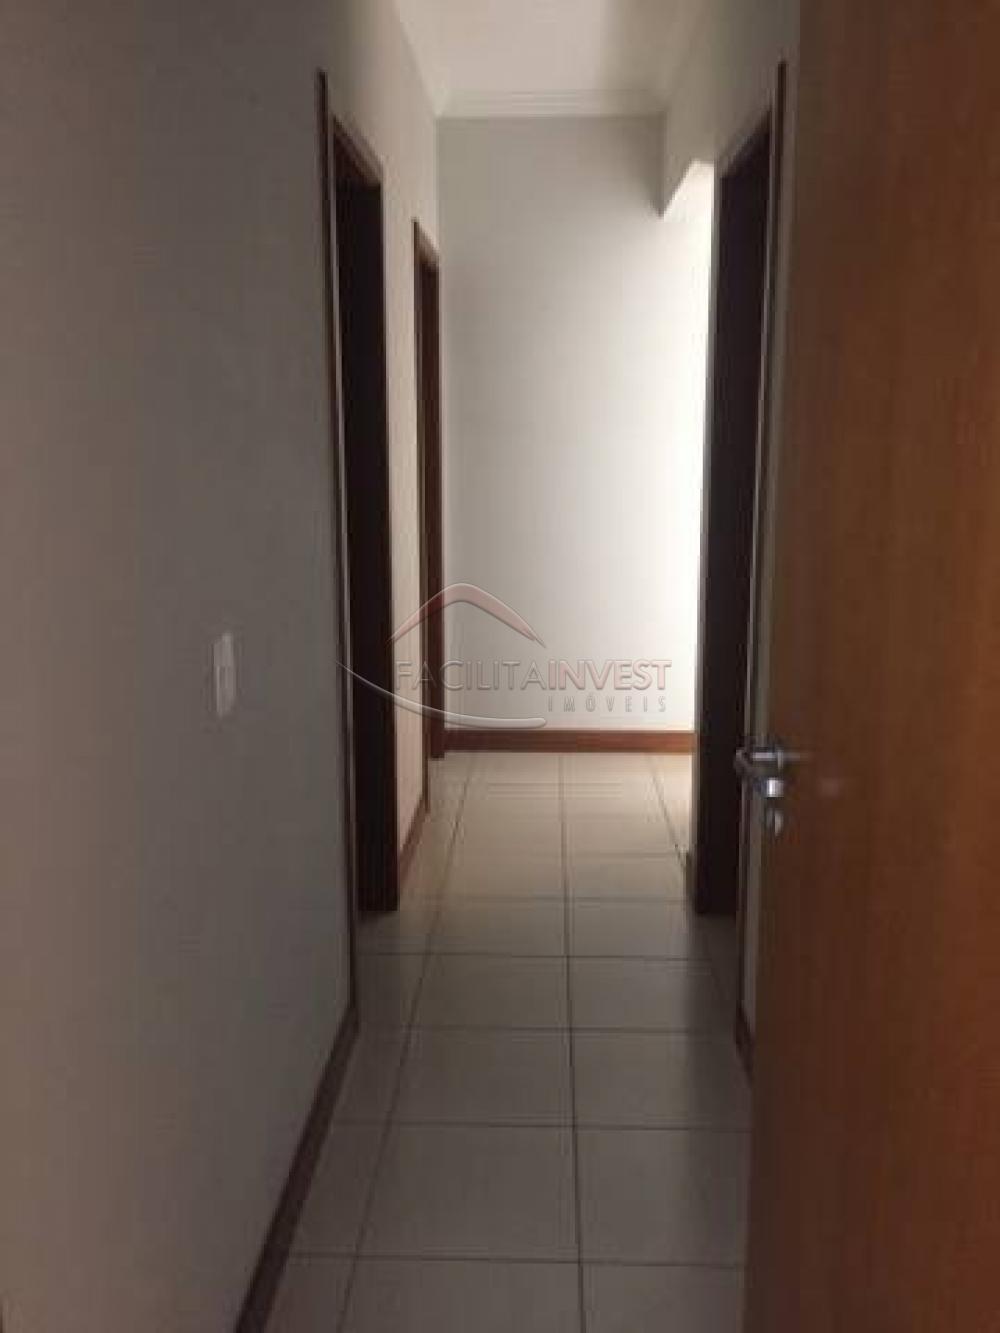 Comprar Apartamentos / Apart. Padrão em Ribeirão Preto apenas R$ 800.000,00 - Foto 12